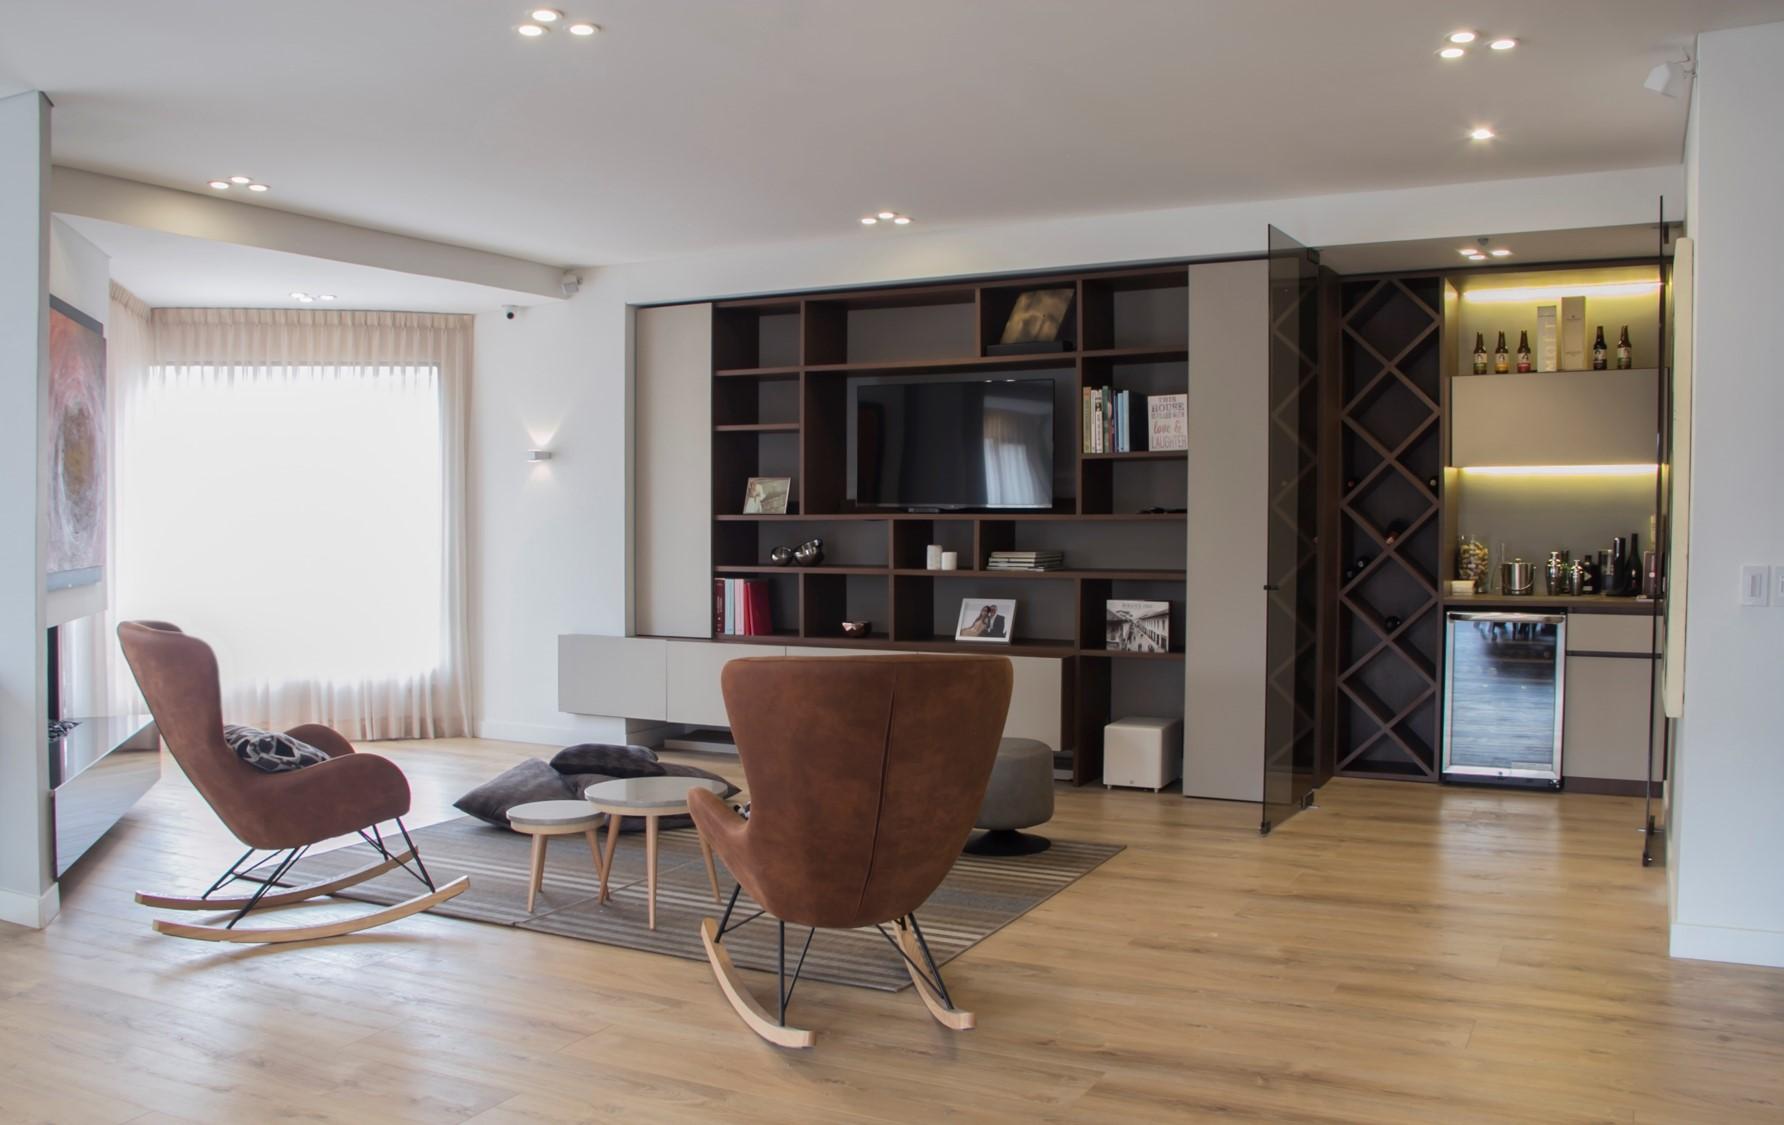 Diseño del salón 2